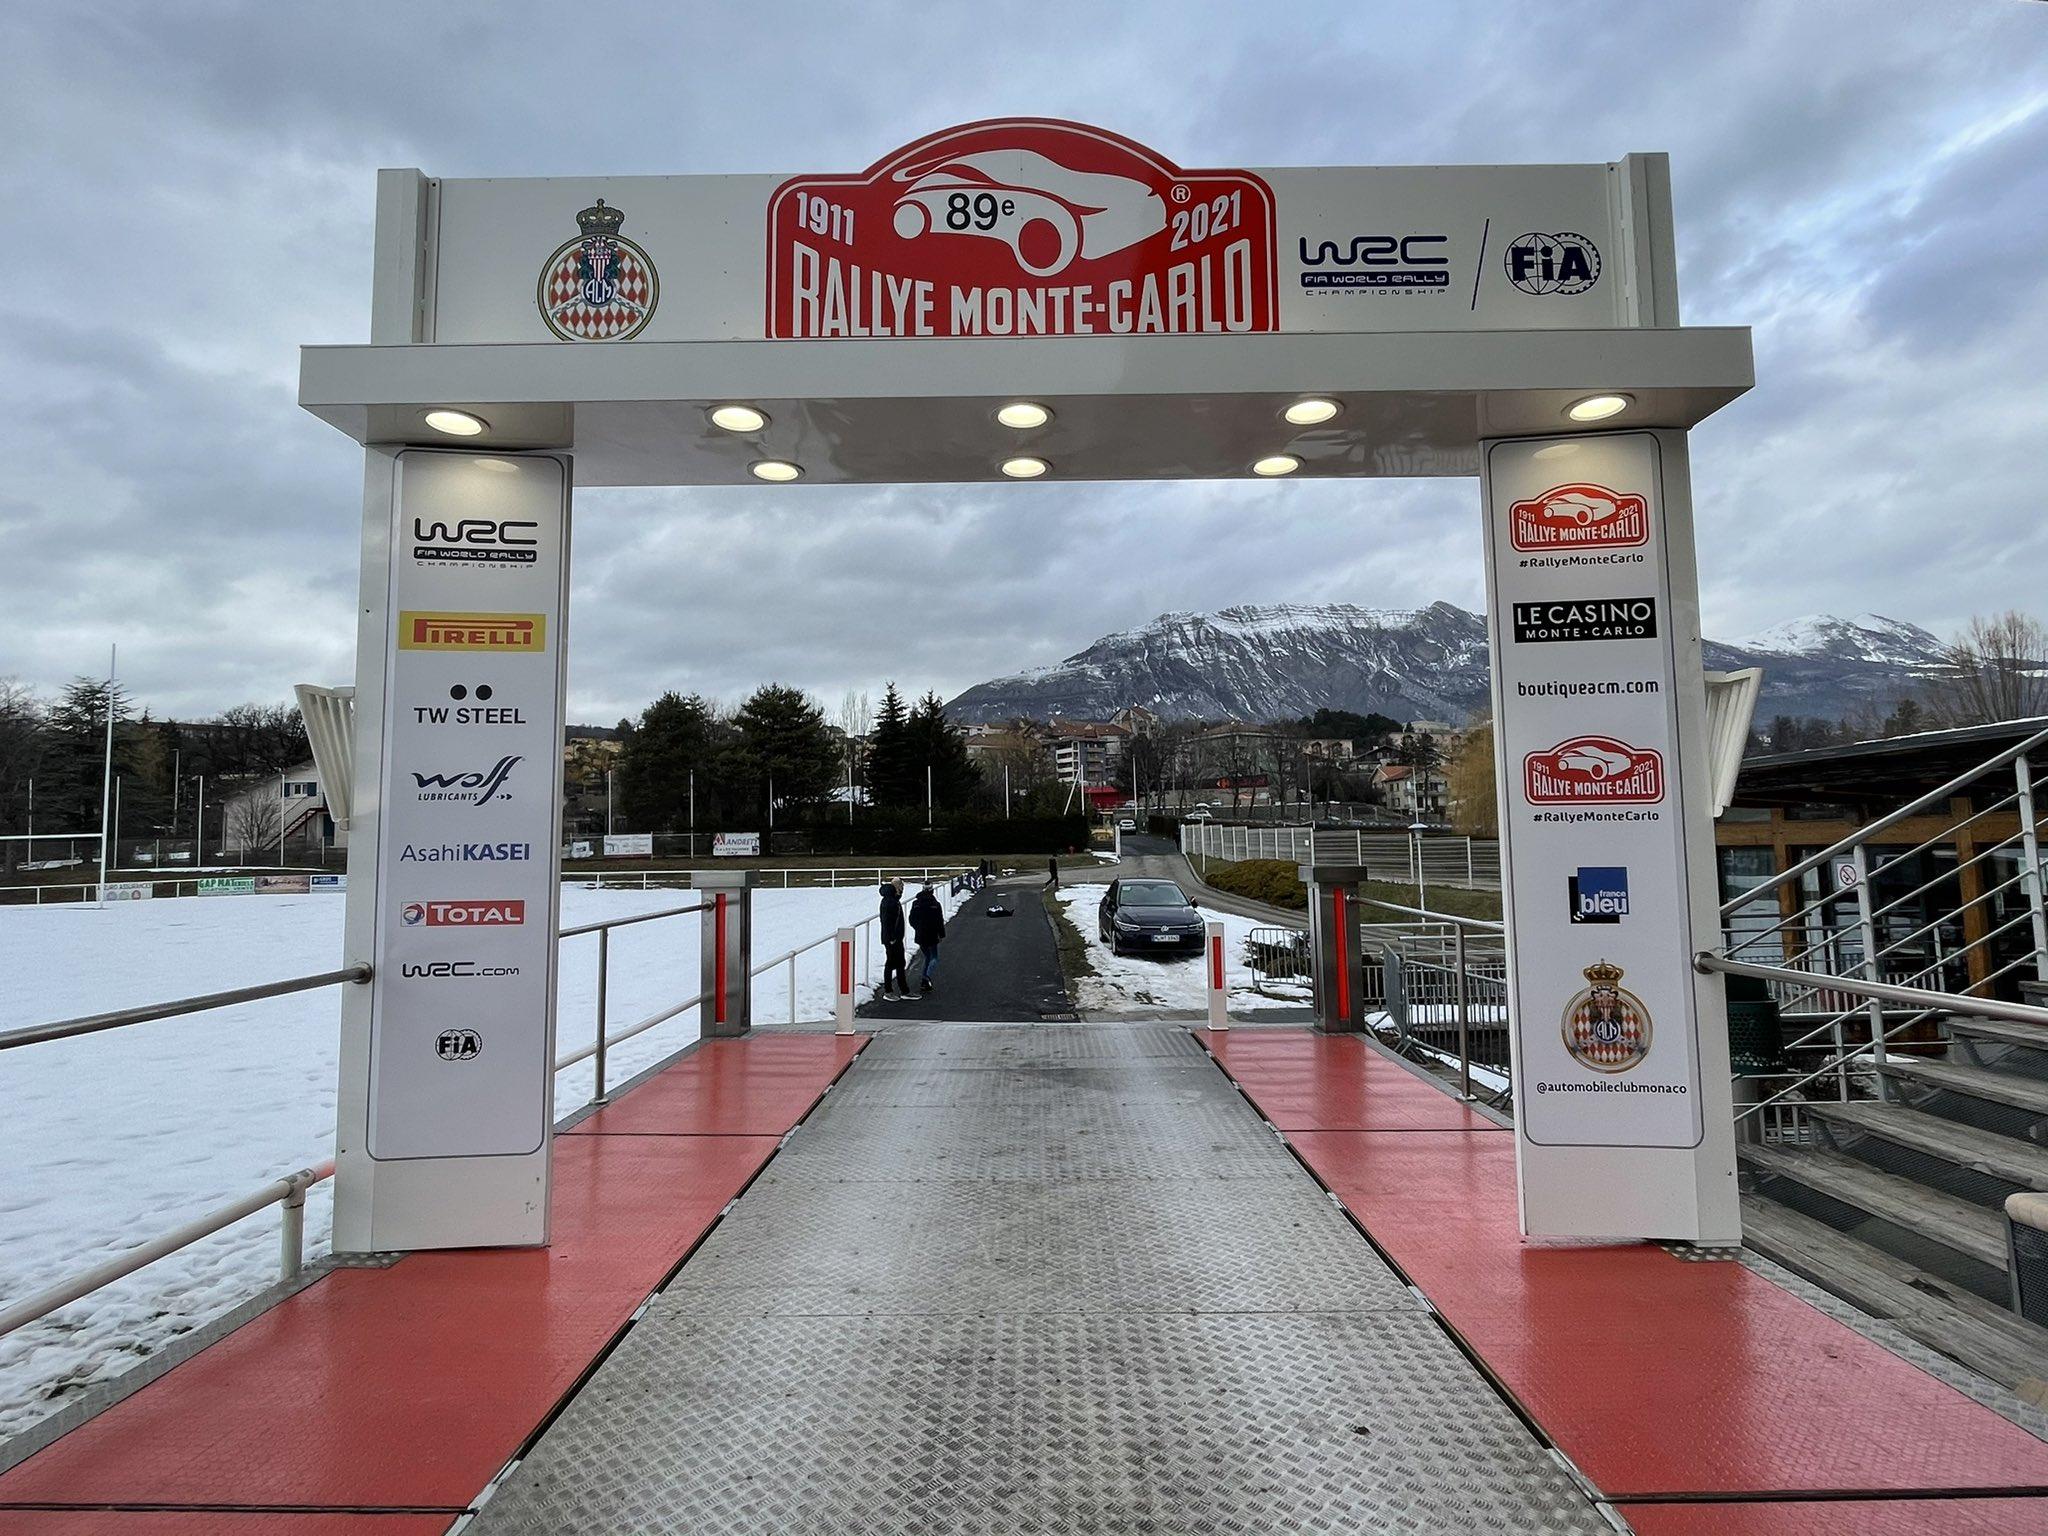 WRC: 89º Rallye Automobile de Monte-Carlo [18-24 Enero] - Página 2 EsLe55UXYAEZr_f?format=jpg&name=large